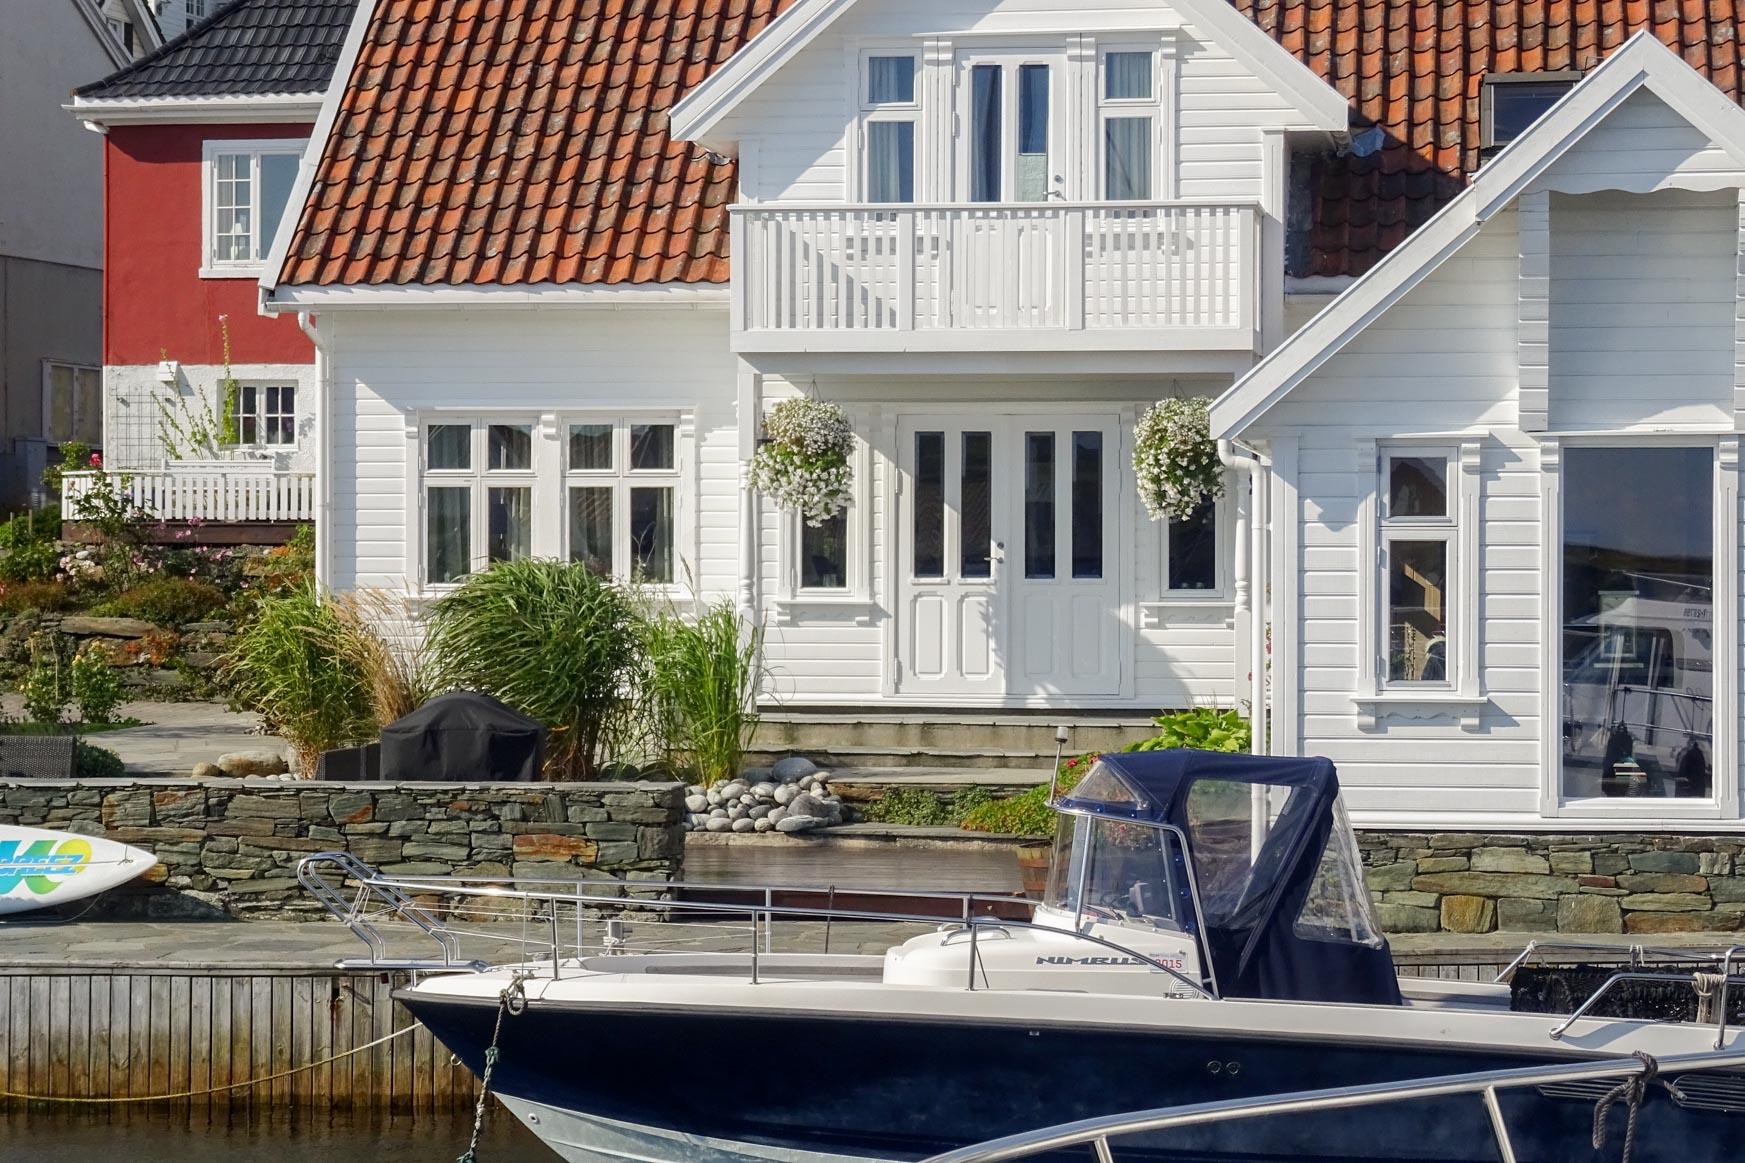 Haus am Hafen - norwegischer Life-Stile